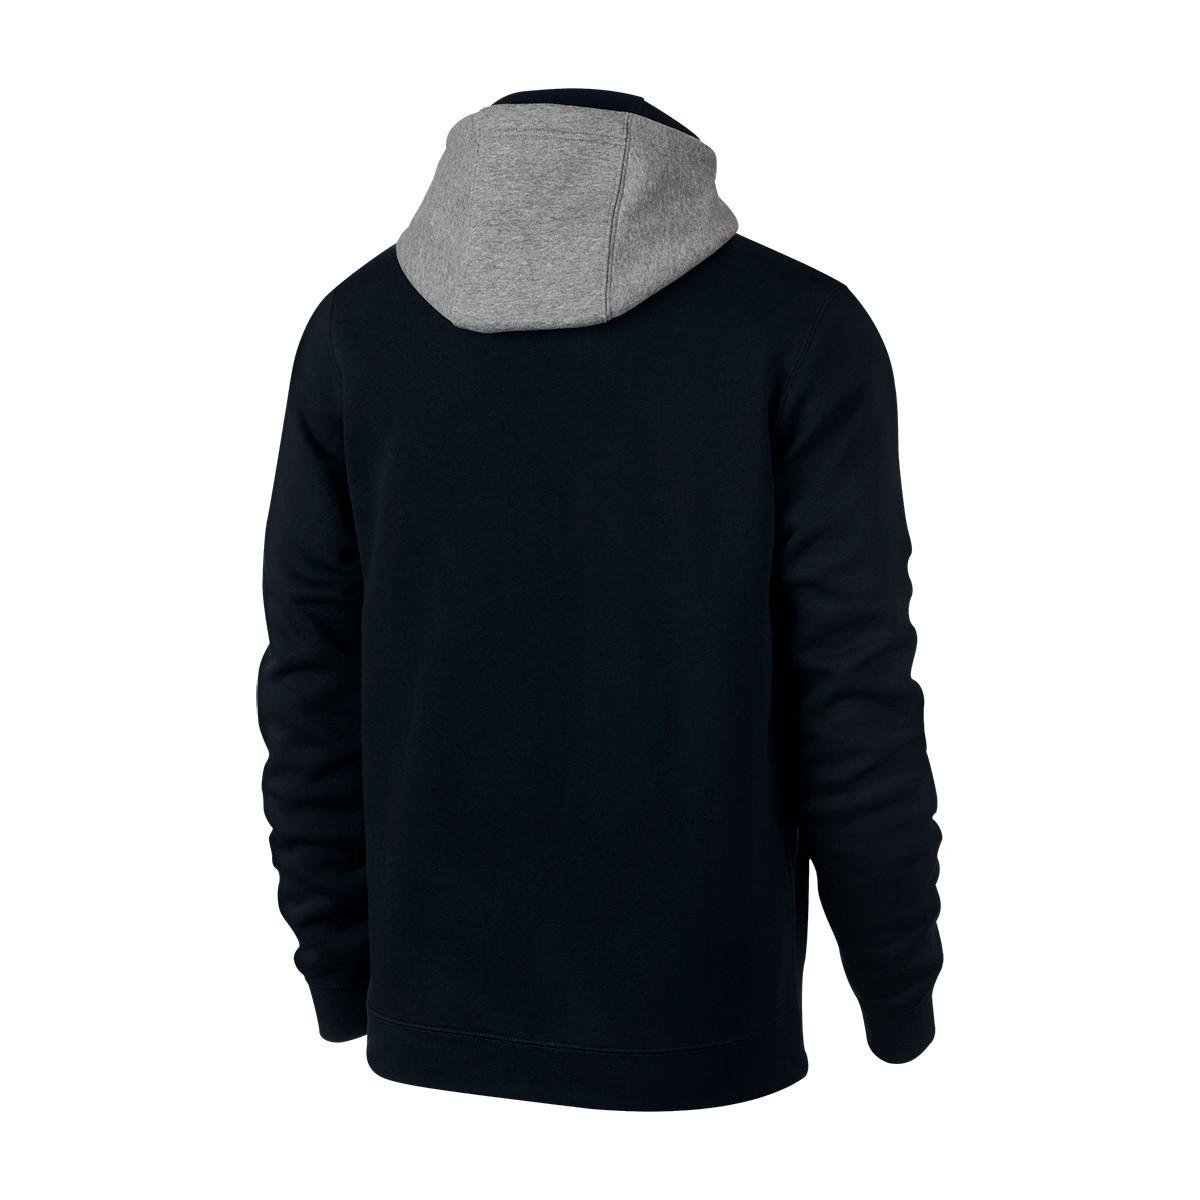 Jaqueta Nike Sportswear Just Do It Fleece Masculino